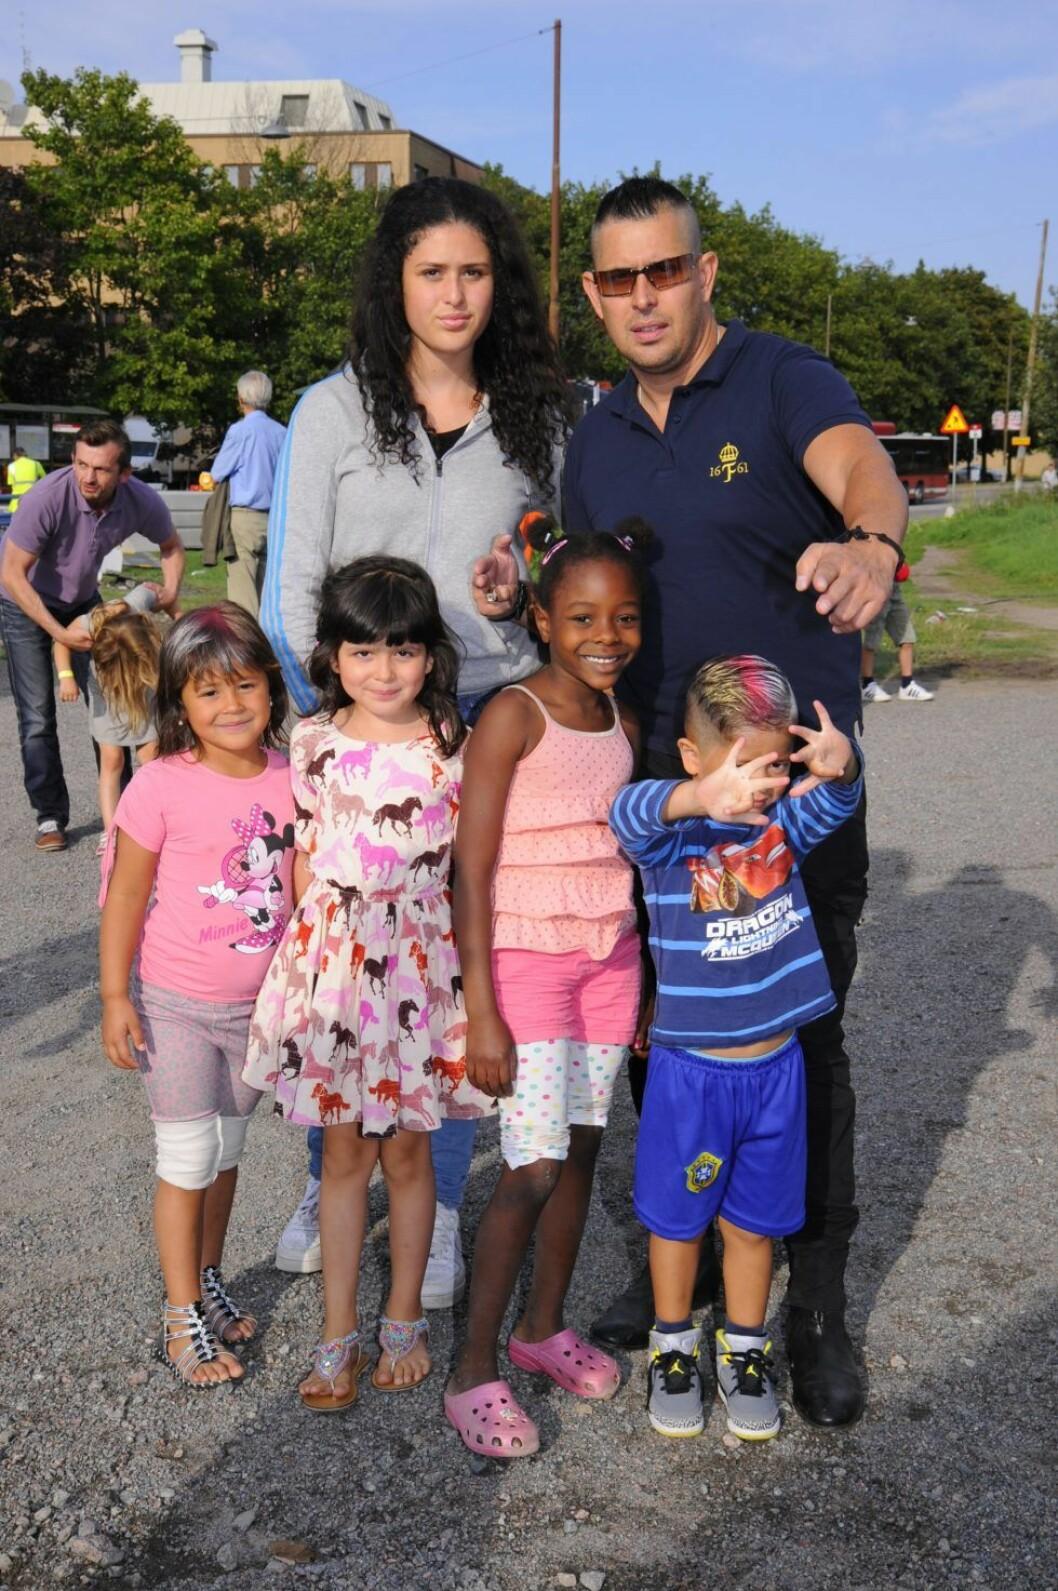 Dogge med barnen på Cirkus Scott